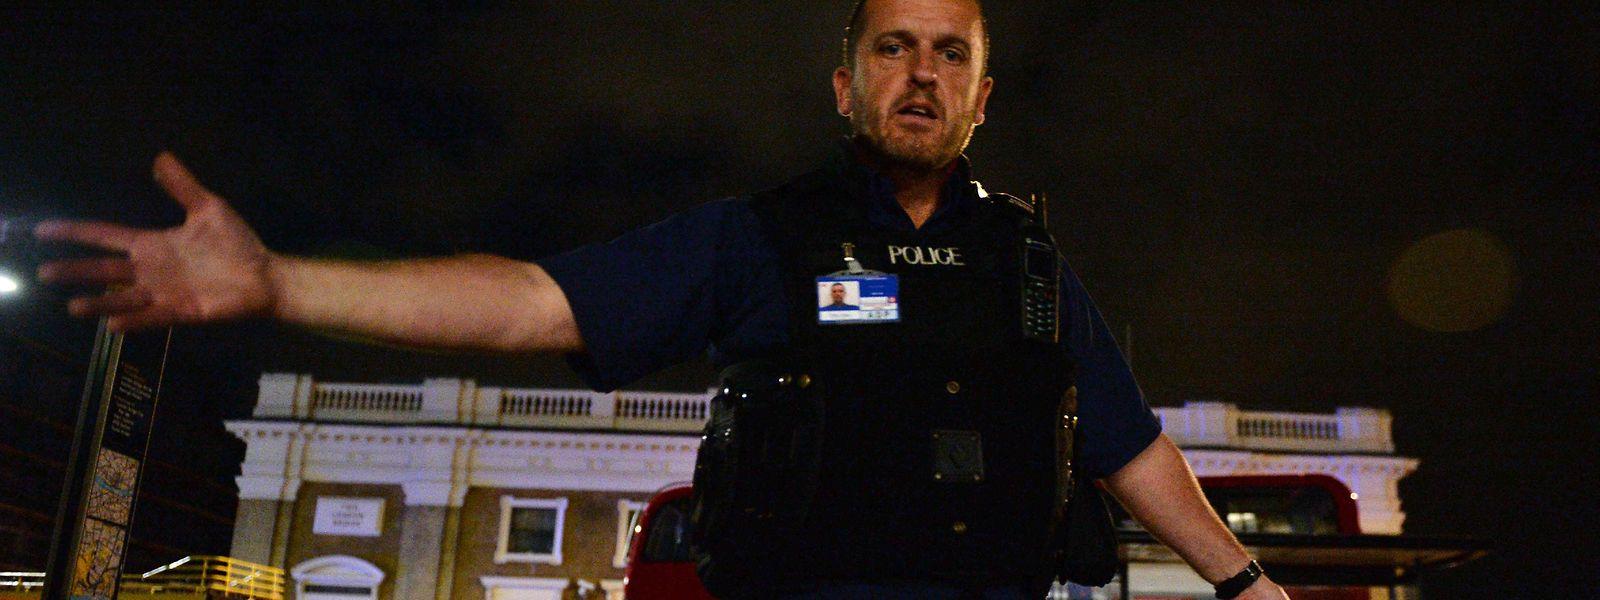 Dieses Jahr mussten in Großbritannien Polizisten immer wieder nach Terrorattaken ausrücken.